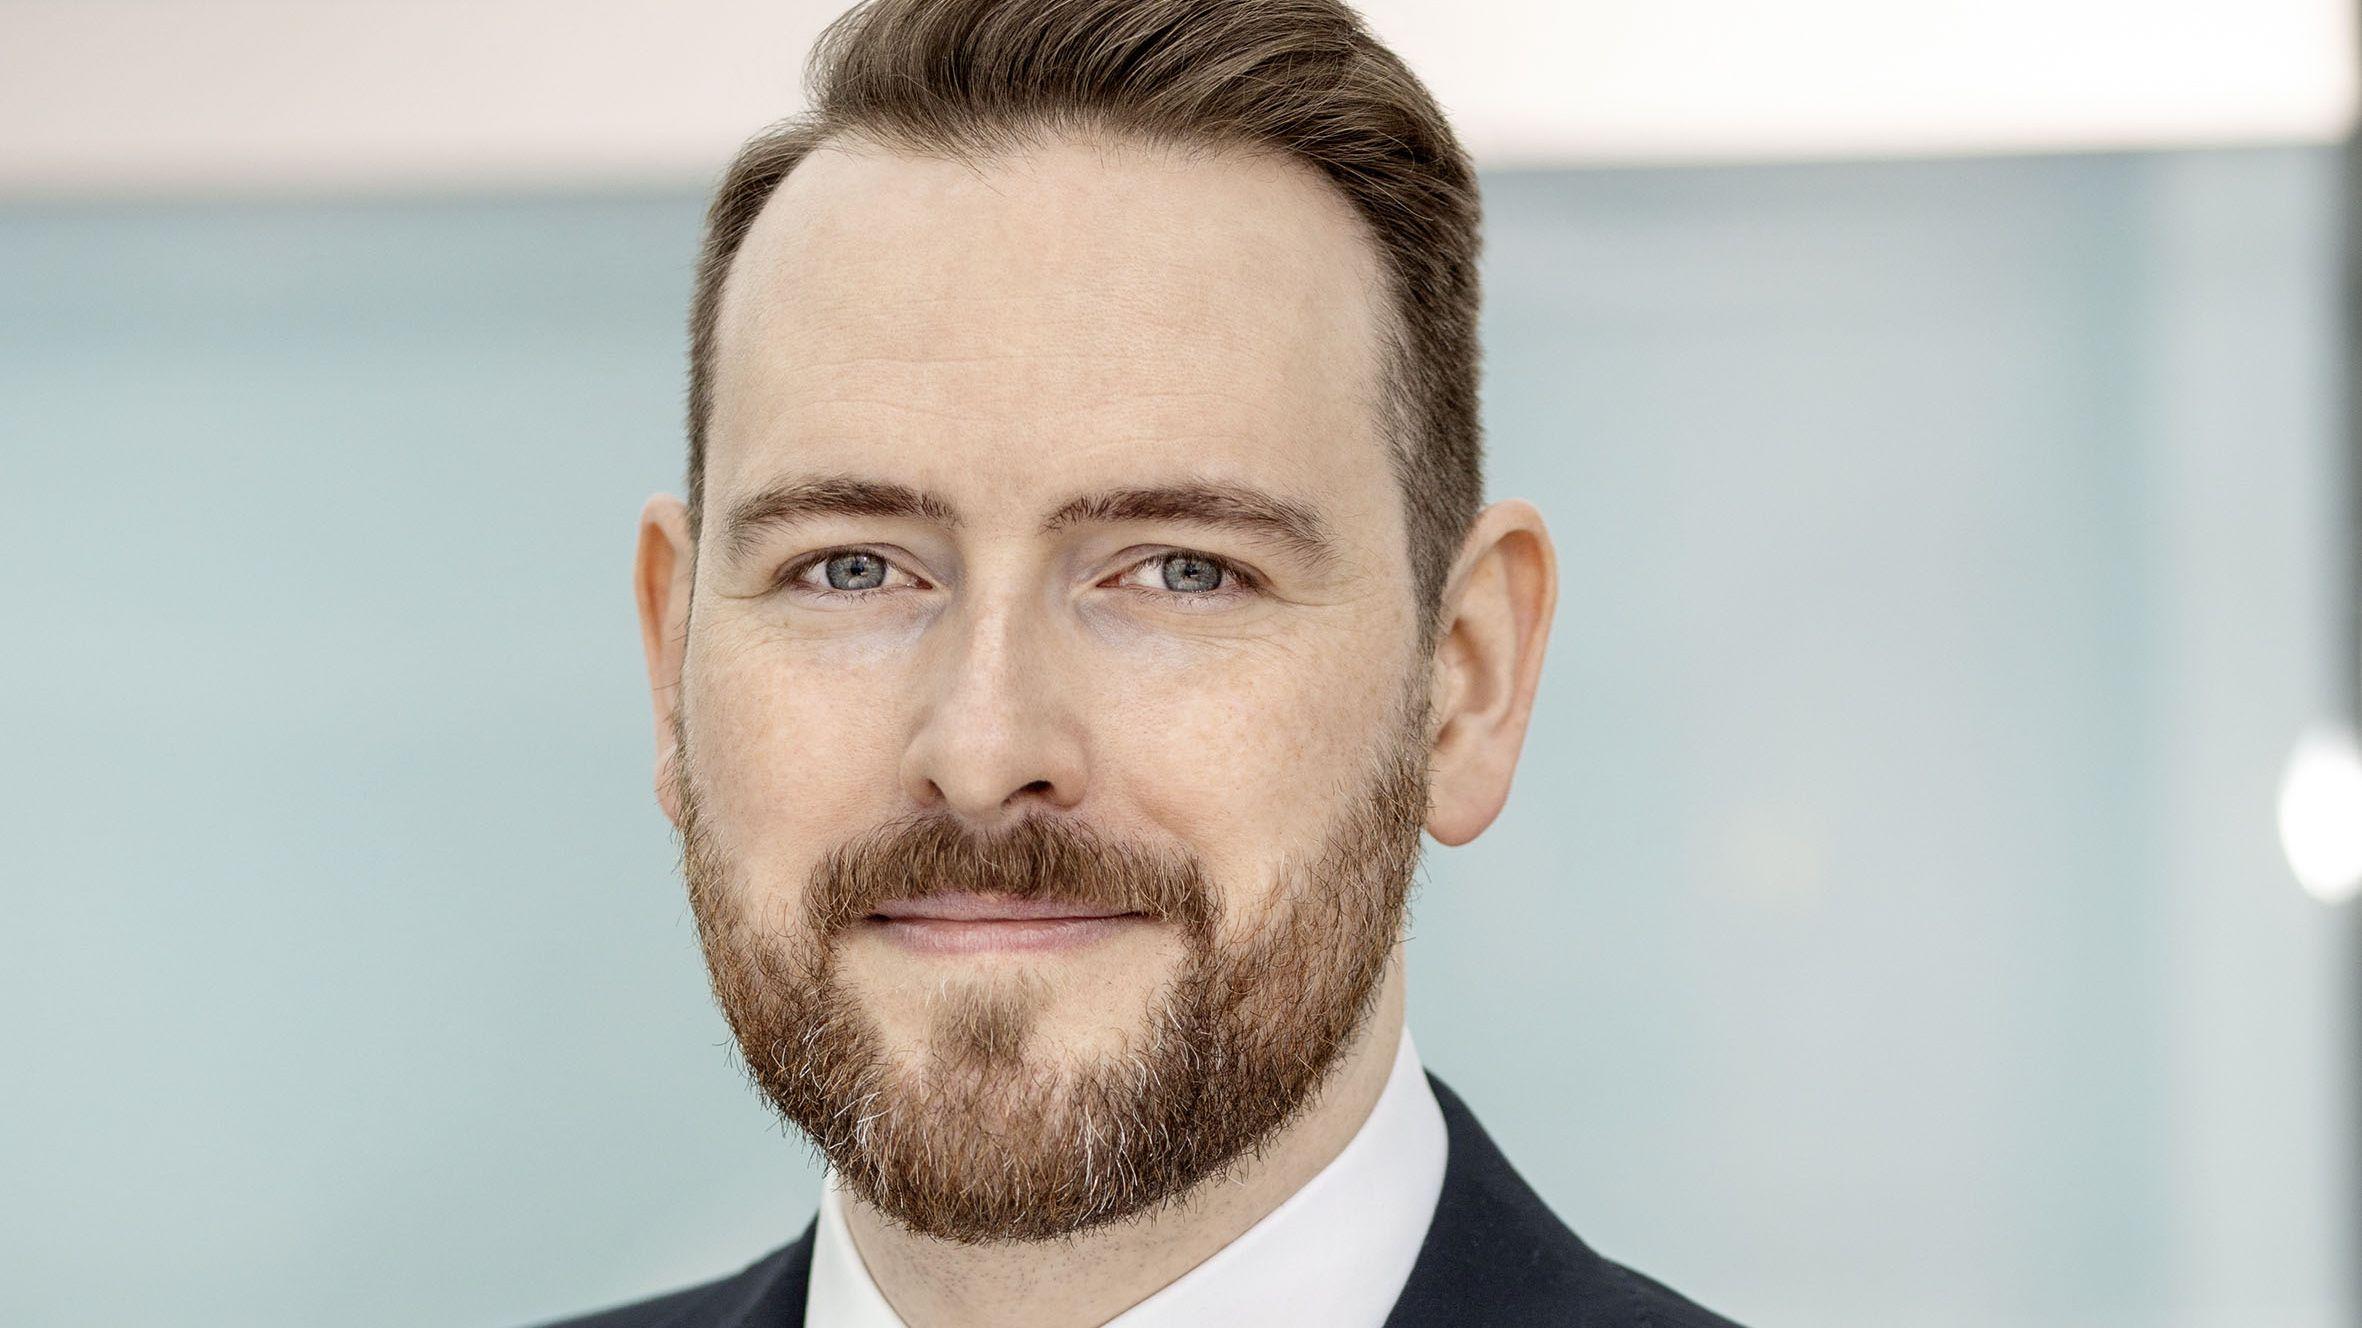 Mega-Pitch entschieden: AOK vergibt Content-Marketing-Etat an Serviceplan und Bauer